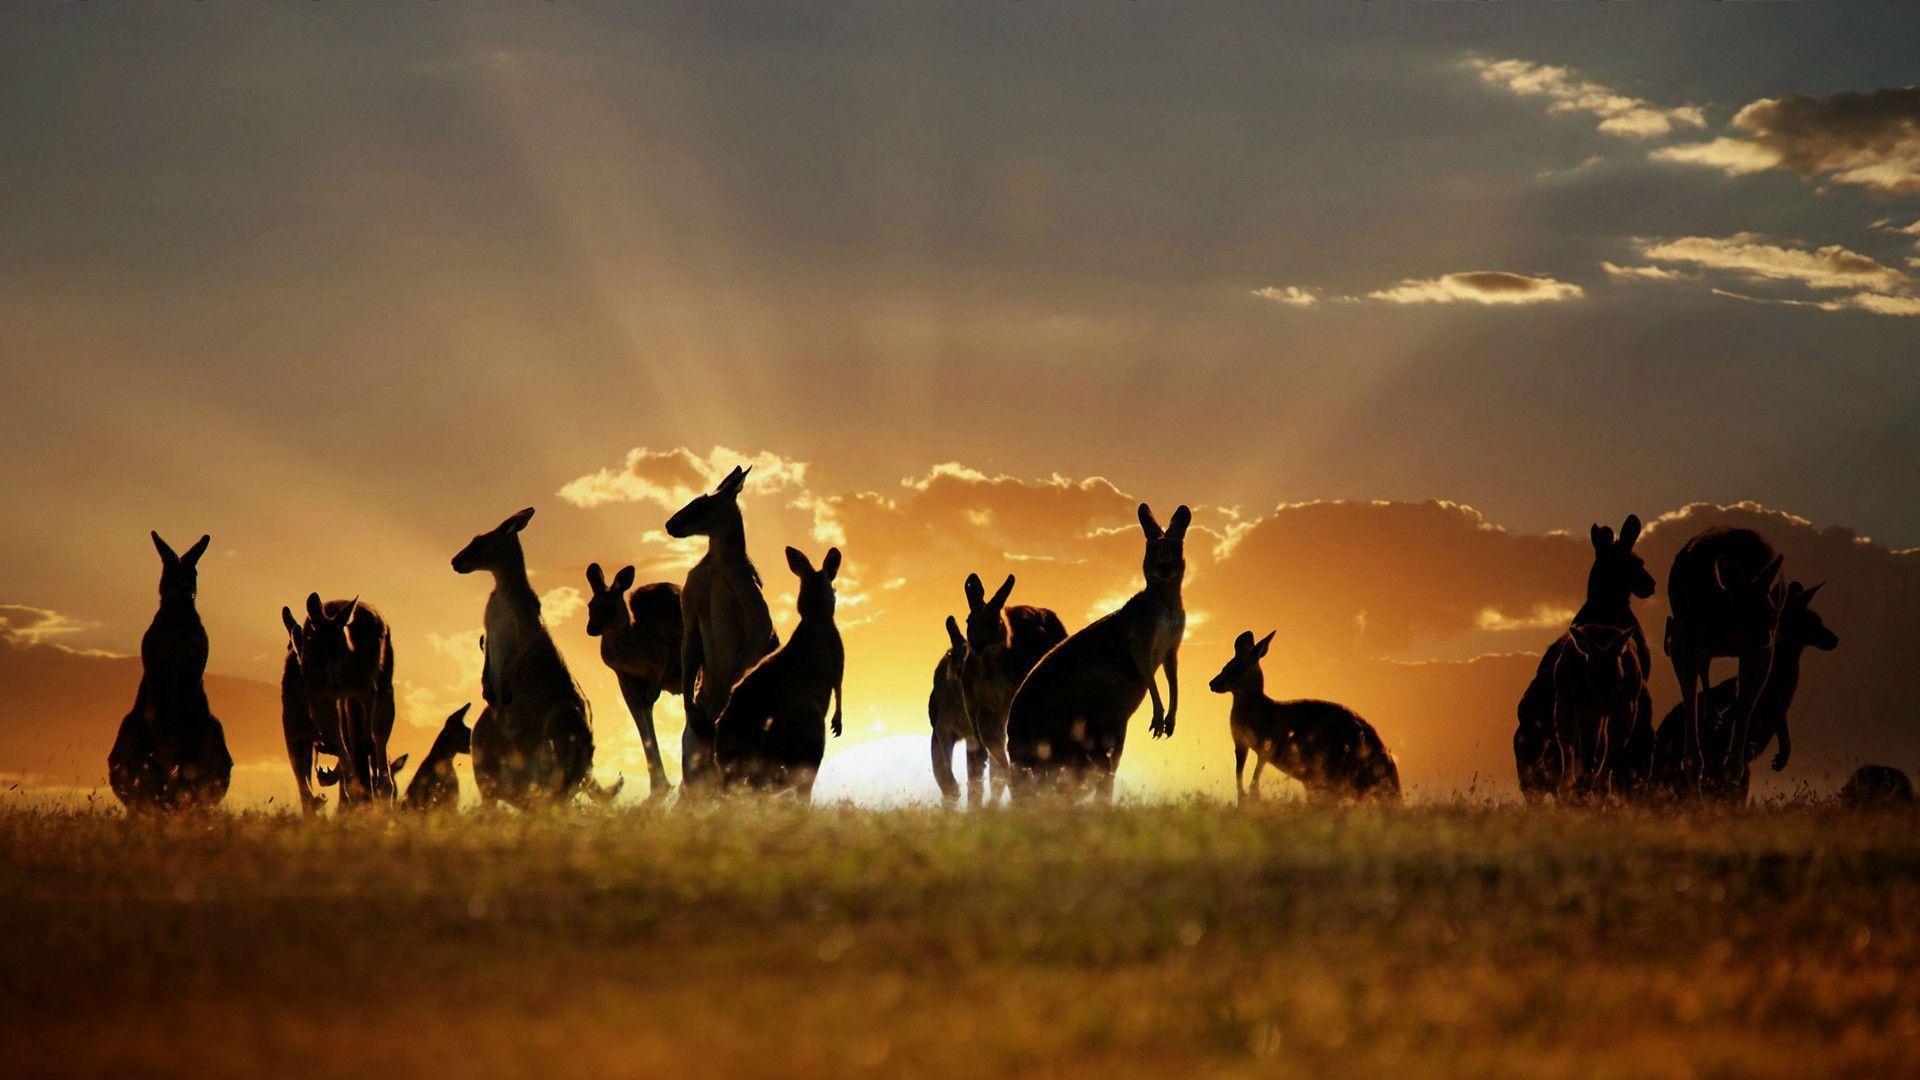 AmazingPict.com | Kangaroo Amazing Wallpaper